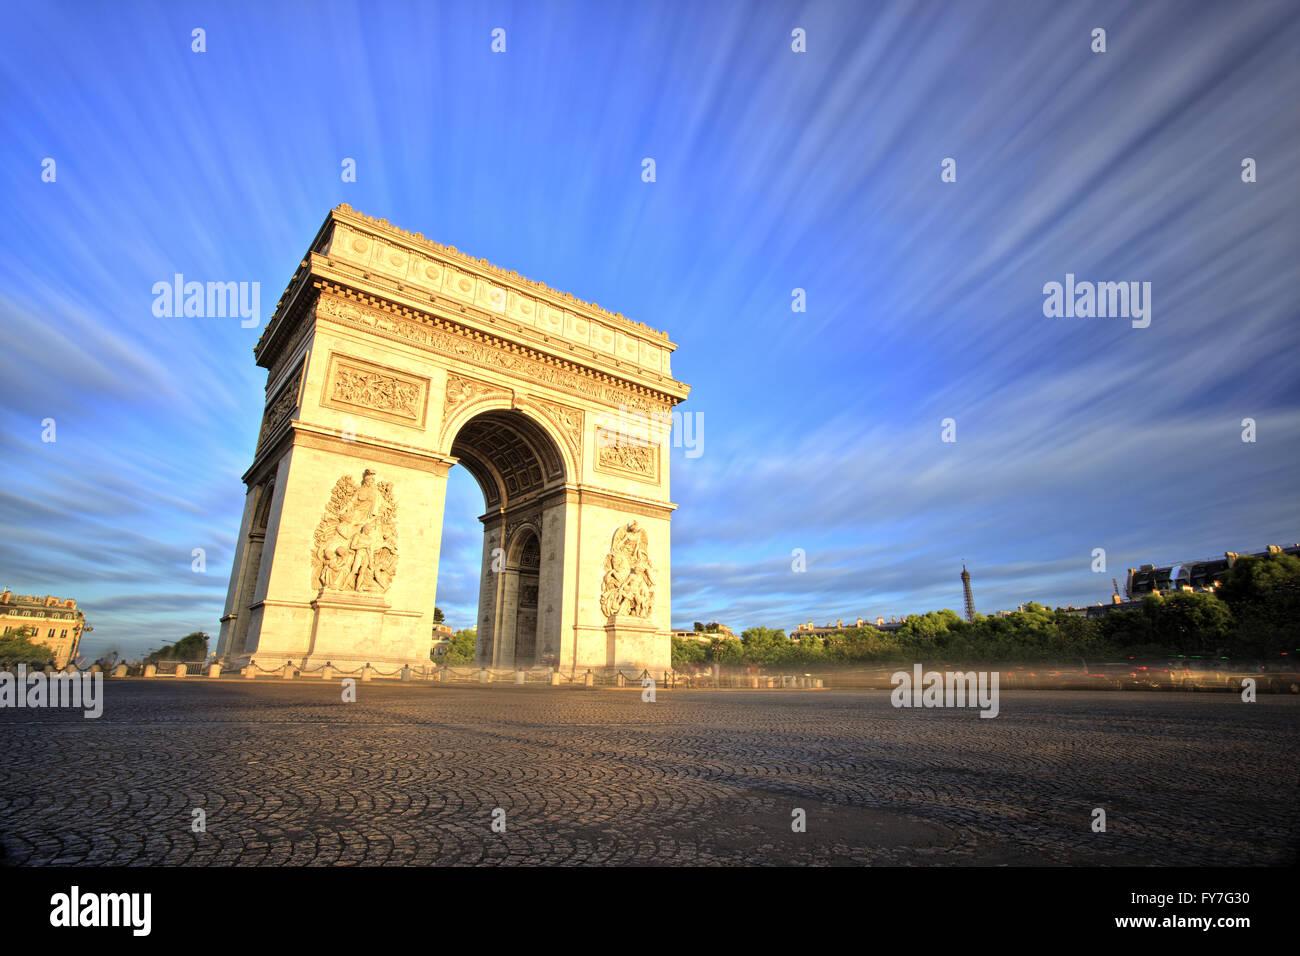 Arc de Triomphe at Sunset, Paris - Stock Image